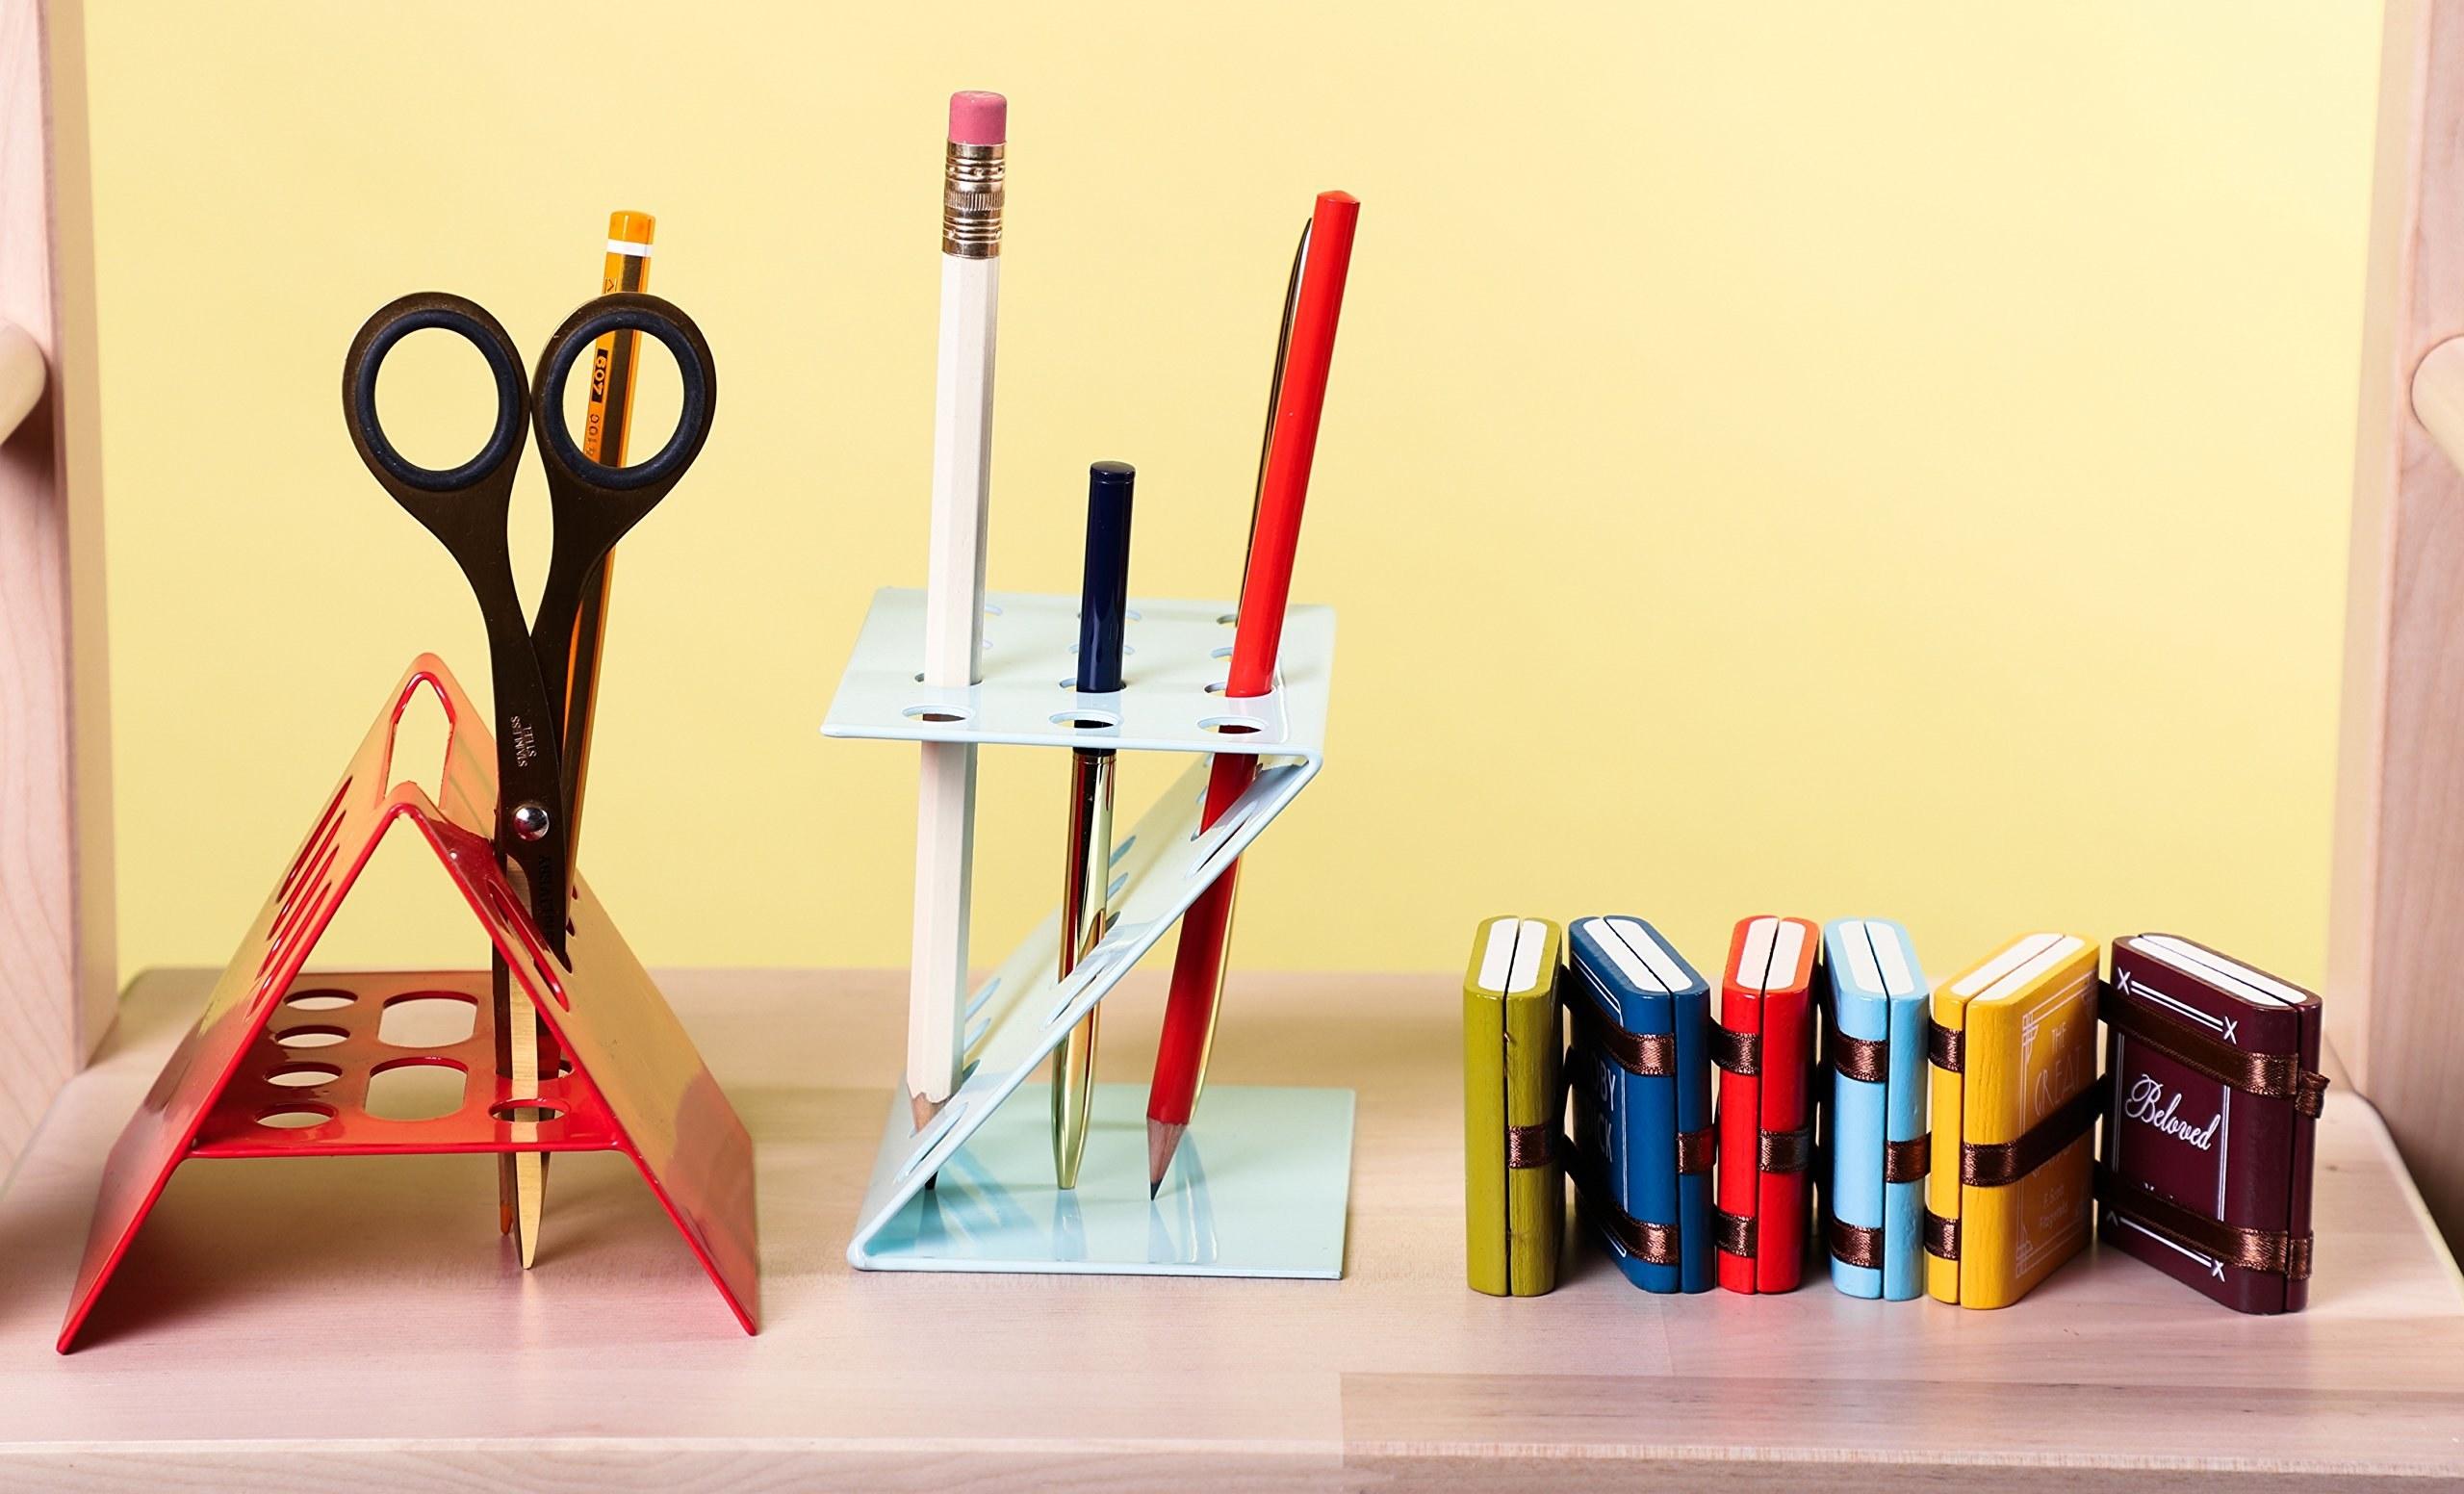 A set of miniature books kept beside pen stands.